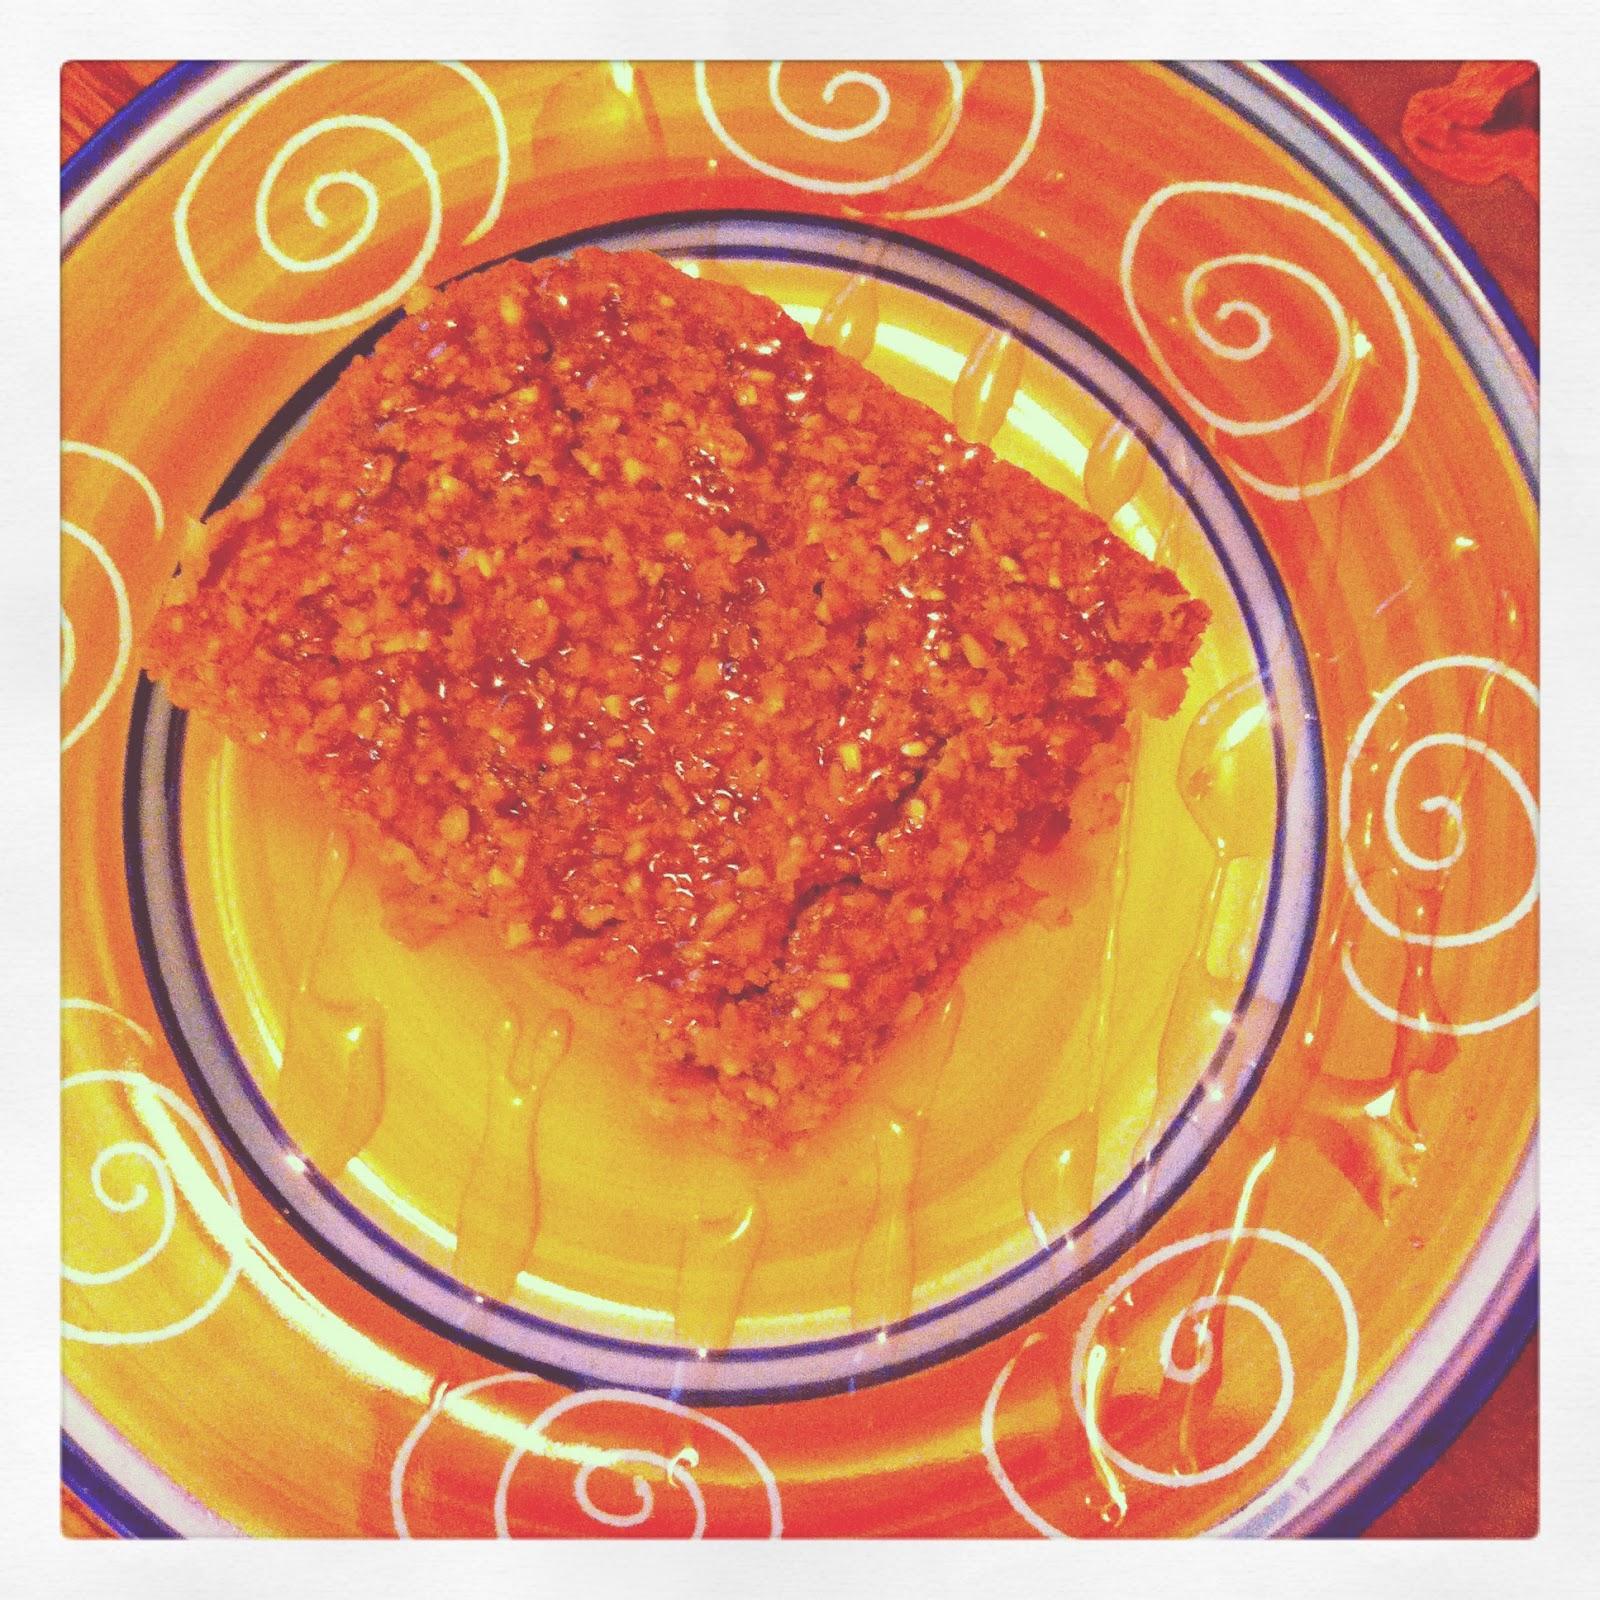 health-full: Baked Pumpkin Pie Oatmeal with Steel Cut Oats